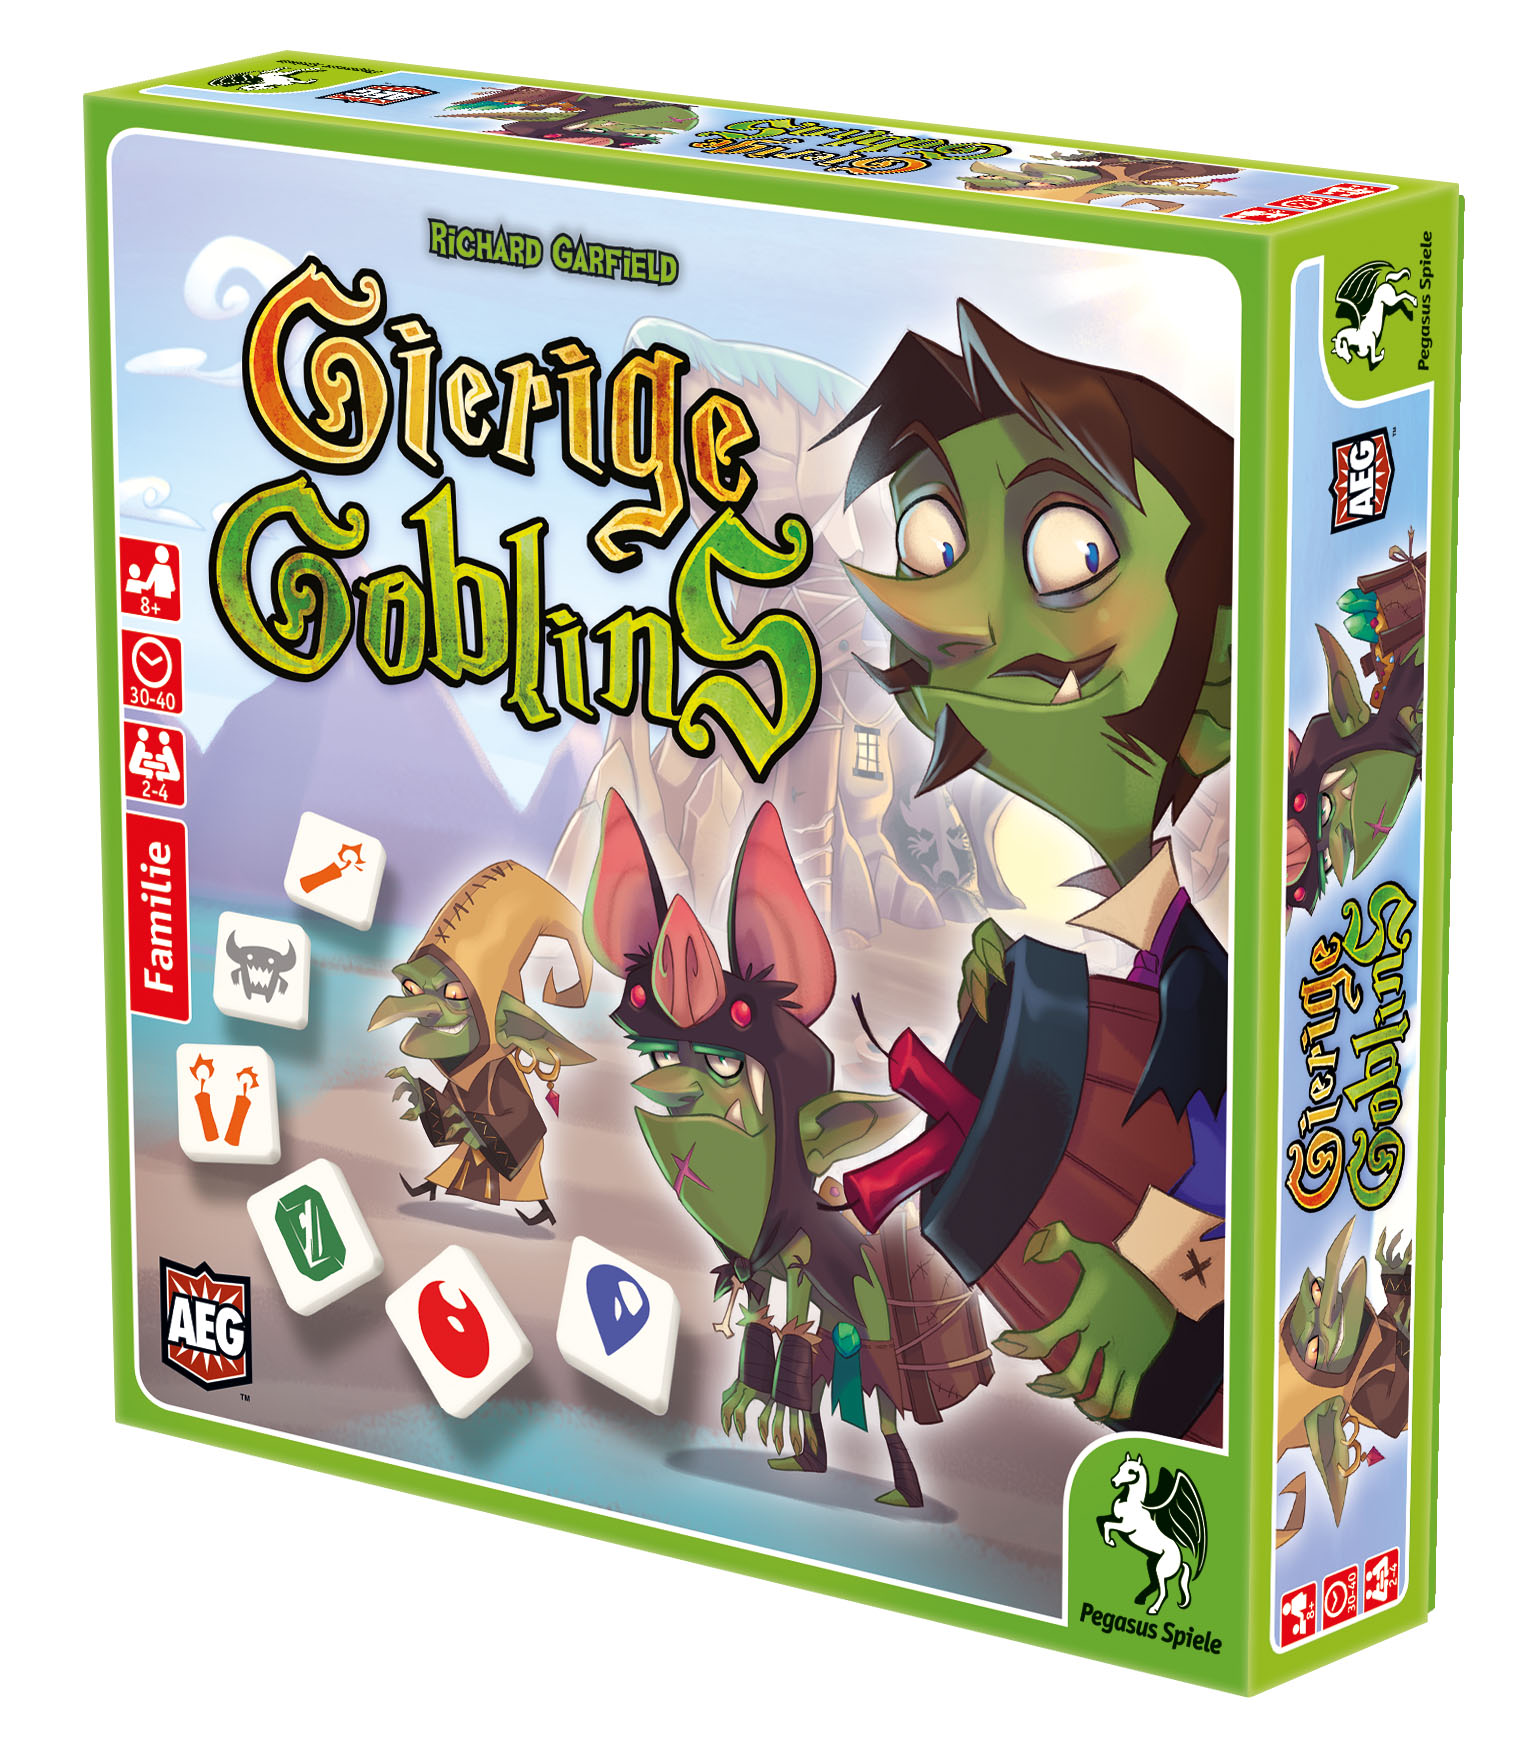 Gierige Goblins